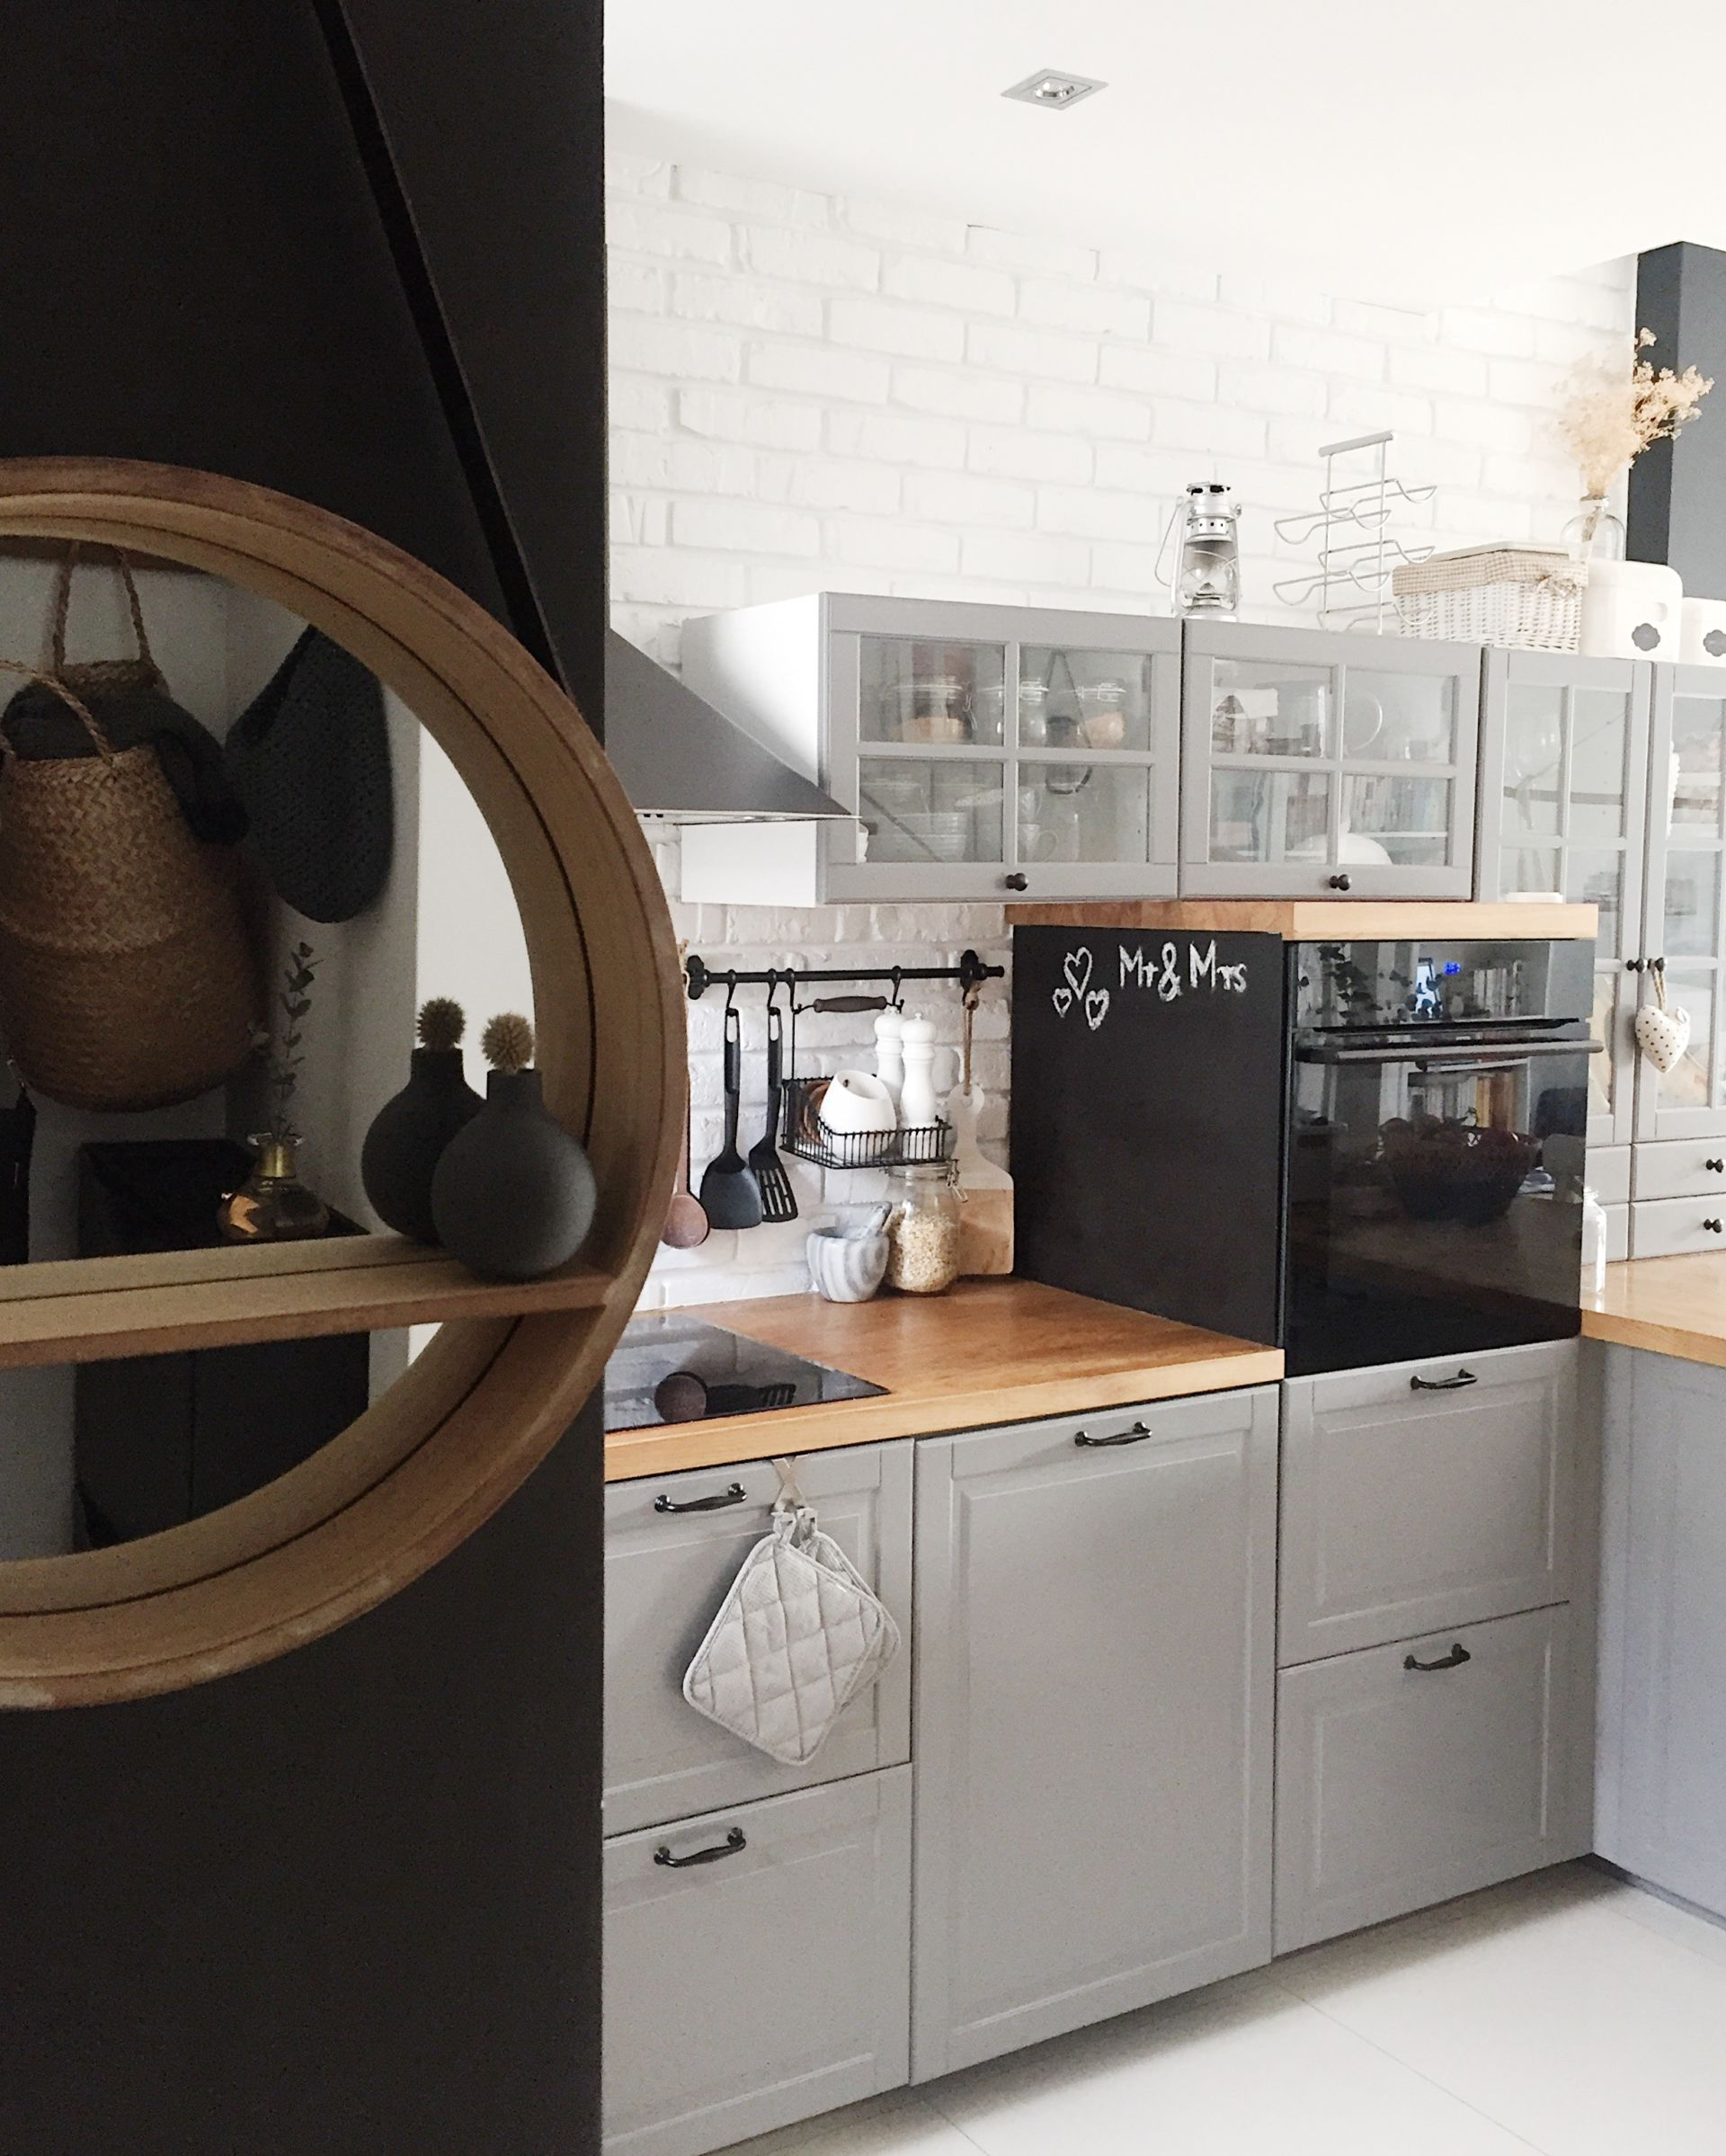 Kuchnia Ikea Bez Architekta